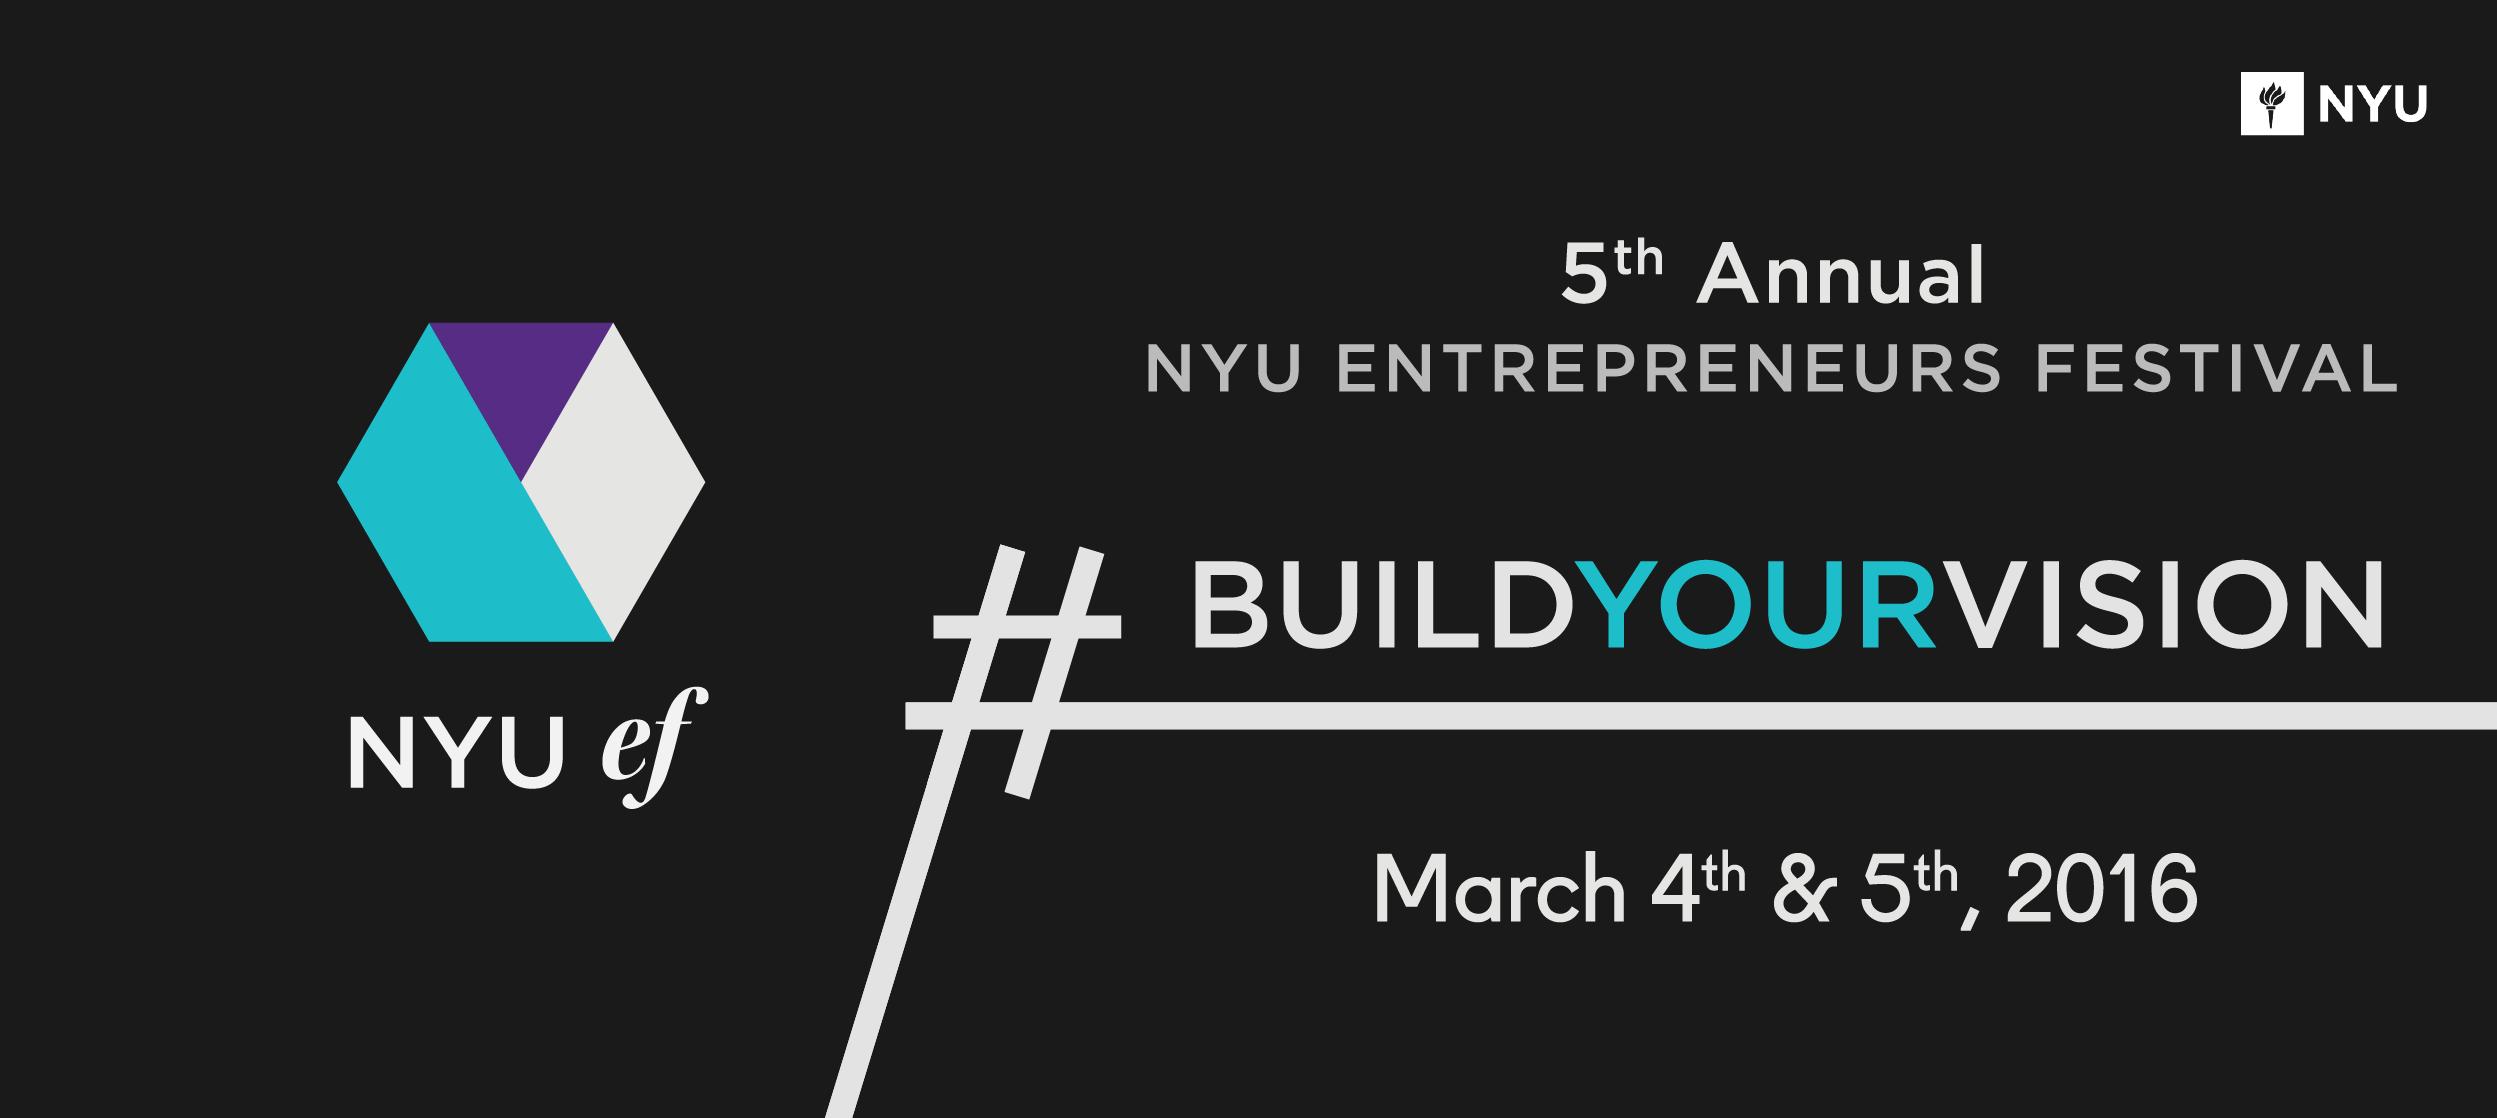 NYU Entrepreneurs Festival